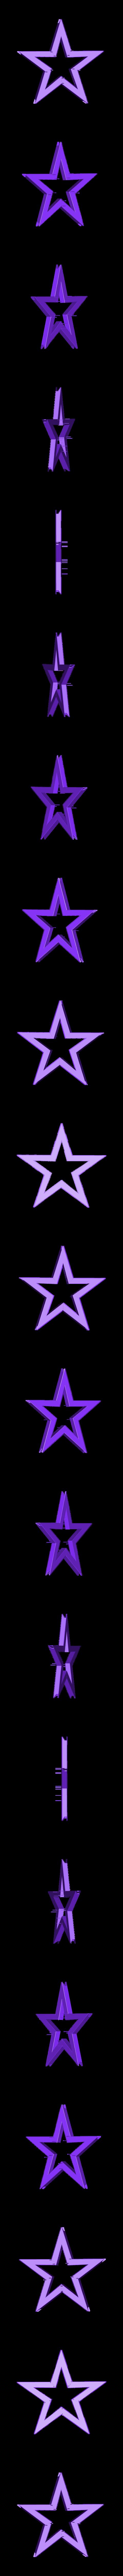 Vega_-_The_LED-lit_Christmas_Star__printed_parts_assembly_.stl Download free STL file Vega - The LED-lit Christmas Star • 3D print model, CreativeTools